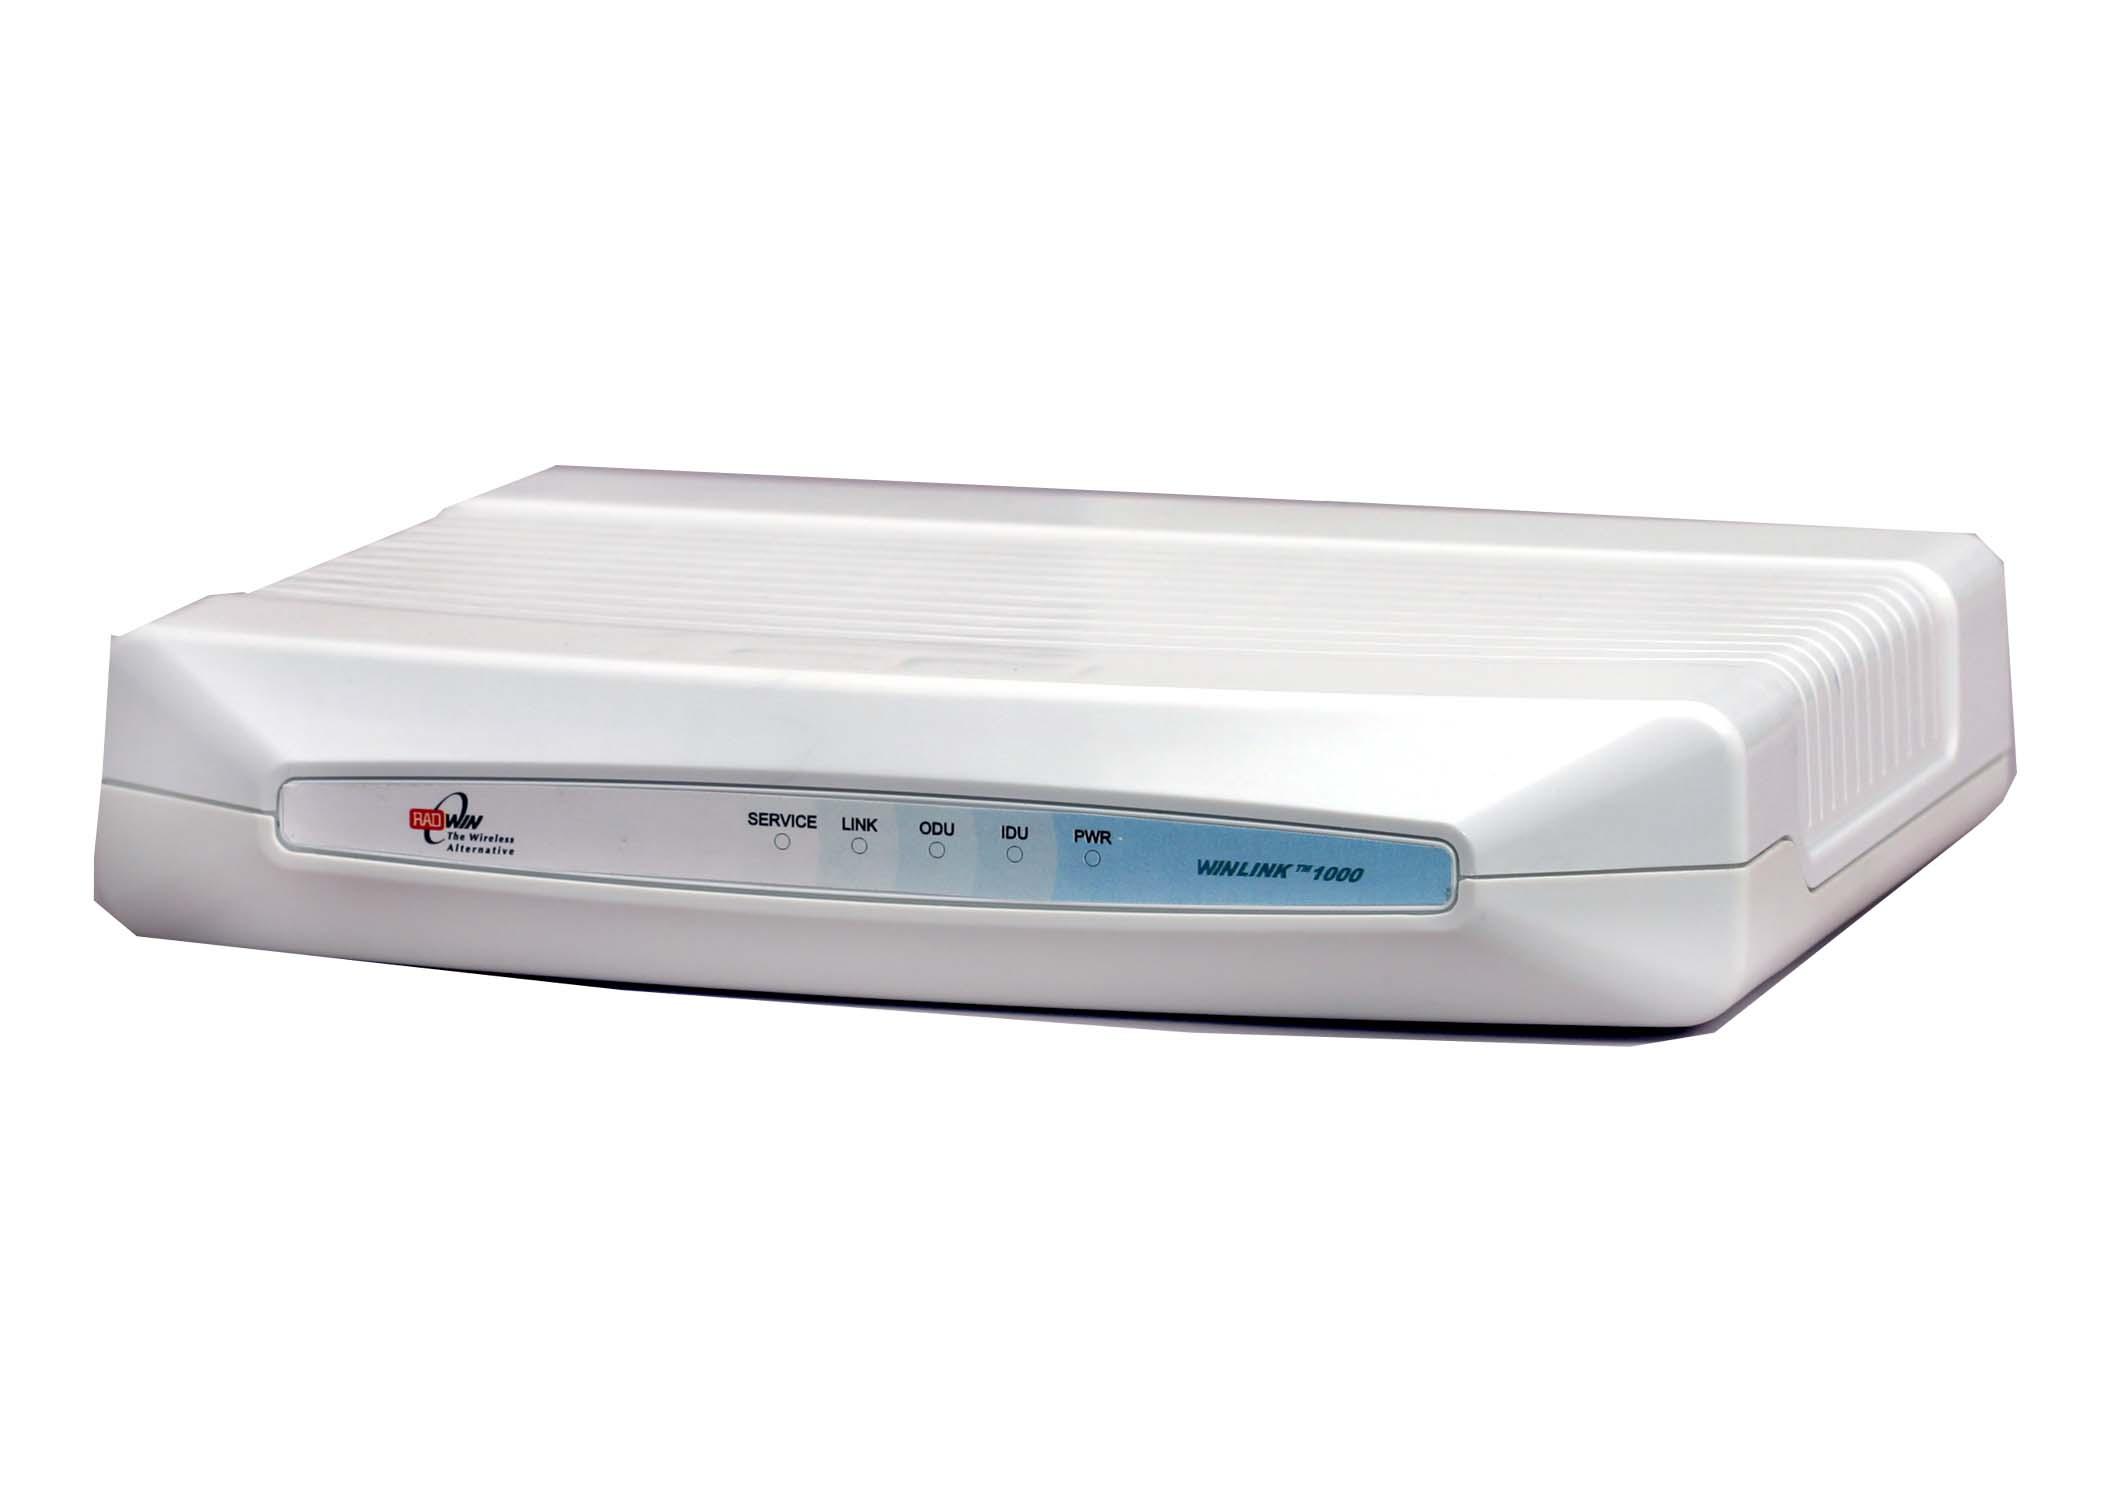 Внутренний блок для резервирования 1 потока E1 RADWIN WL1000-IDU-R-E1 AT0065161; 2 порта Ethernet и